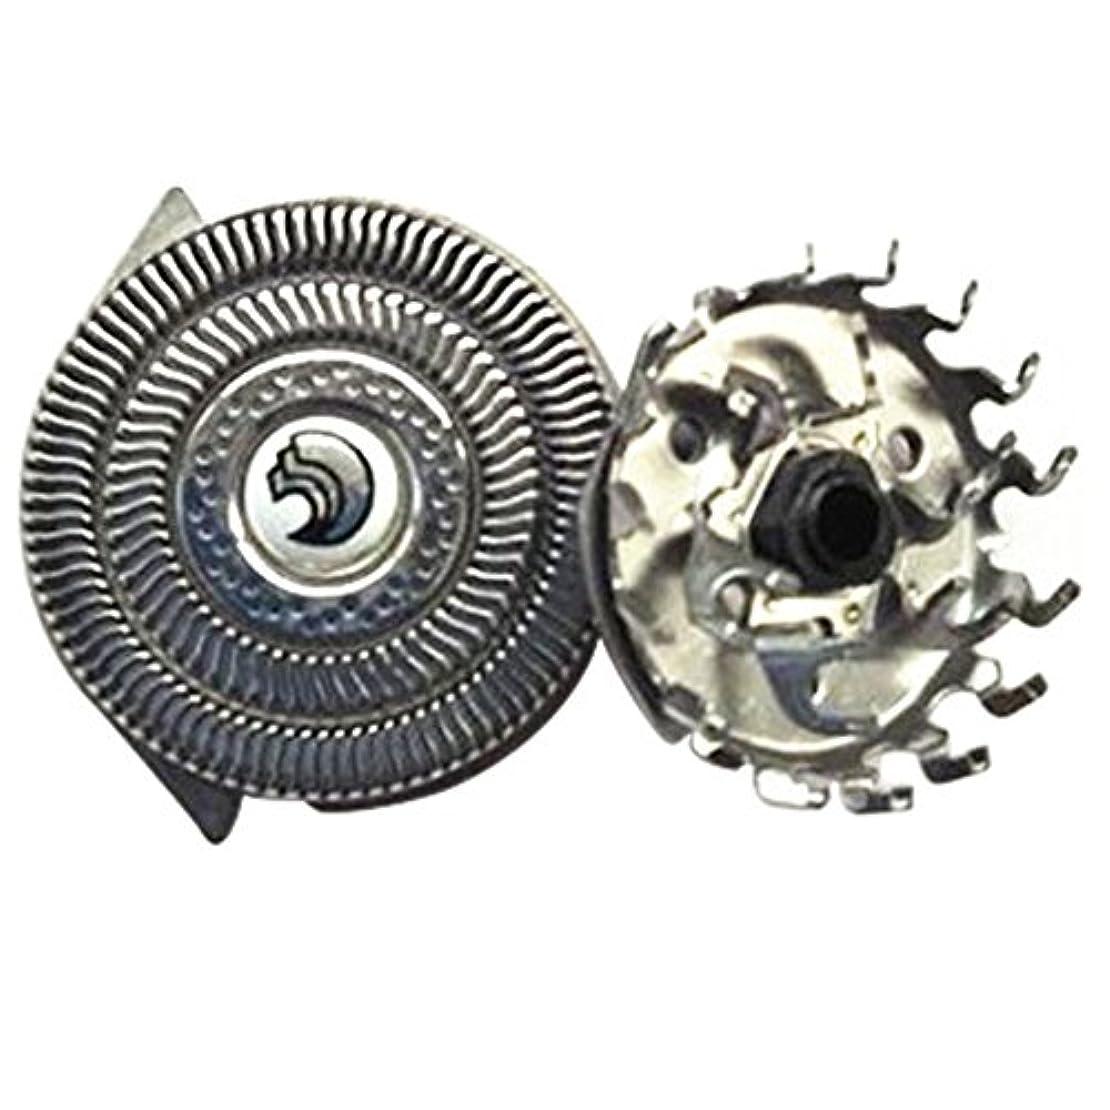 ブレンドバー粒子Deylaying 置換 シェーバー 頭 フォイル 刃+カッター for Philips S9911 S9731 S9711 S9511